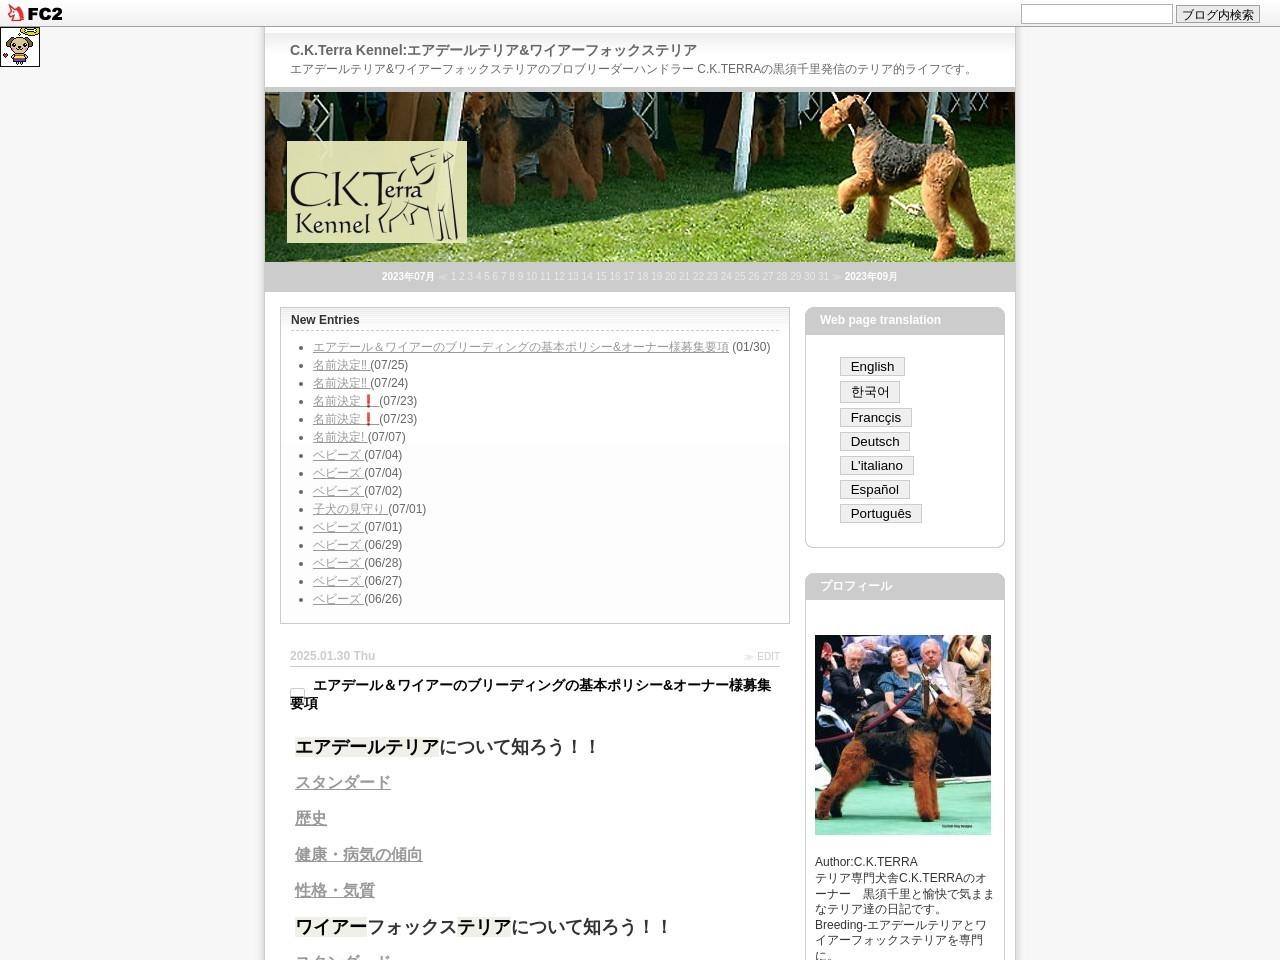 シー・ケー・テラケネル(C・K・TerraKennel)